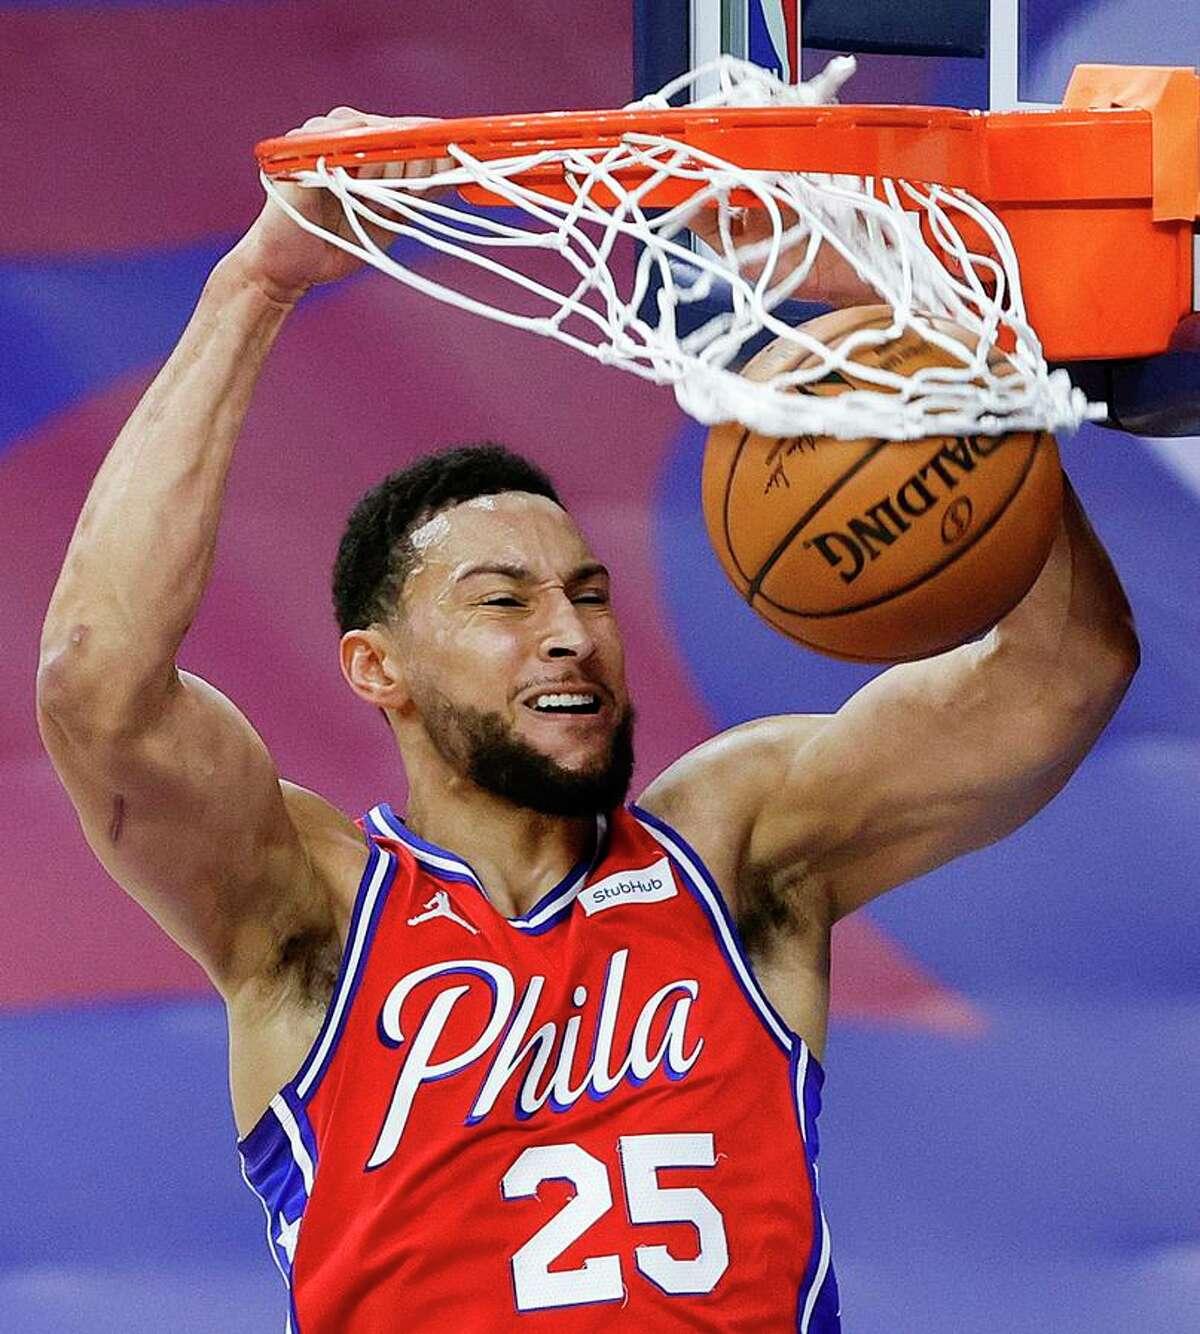 PHILADELPHIA, PENNSYLVANIA - JANUARY 22: Ben Simmons #25 of the Philadelphia 76ers dunks during the first quarter against the Boston Celtics at Wells Fargo Center on January 22, 2021 in Philadelphia, Pennsylvania.